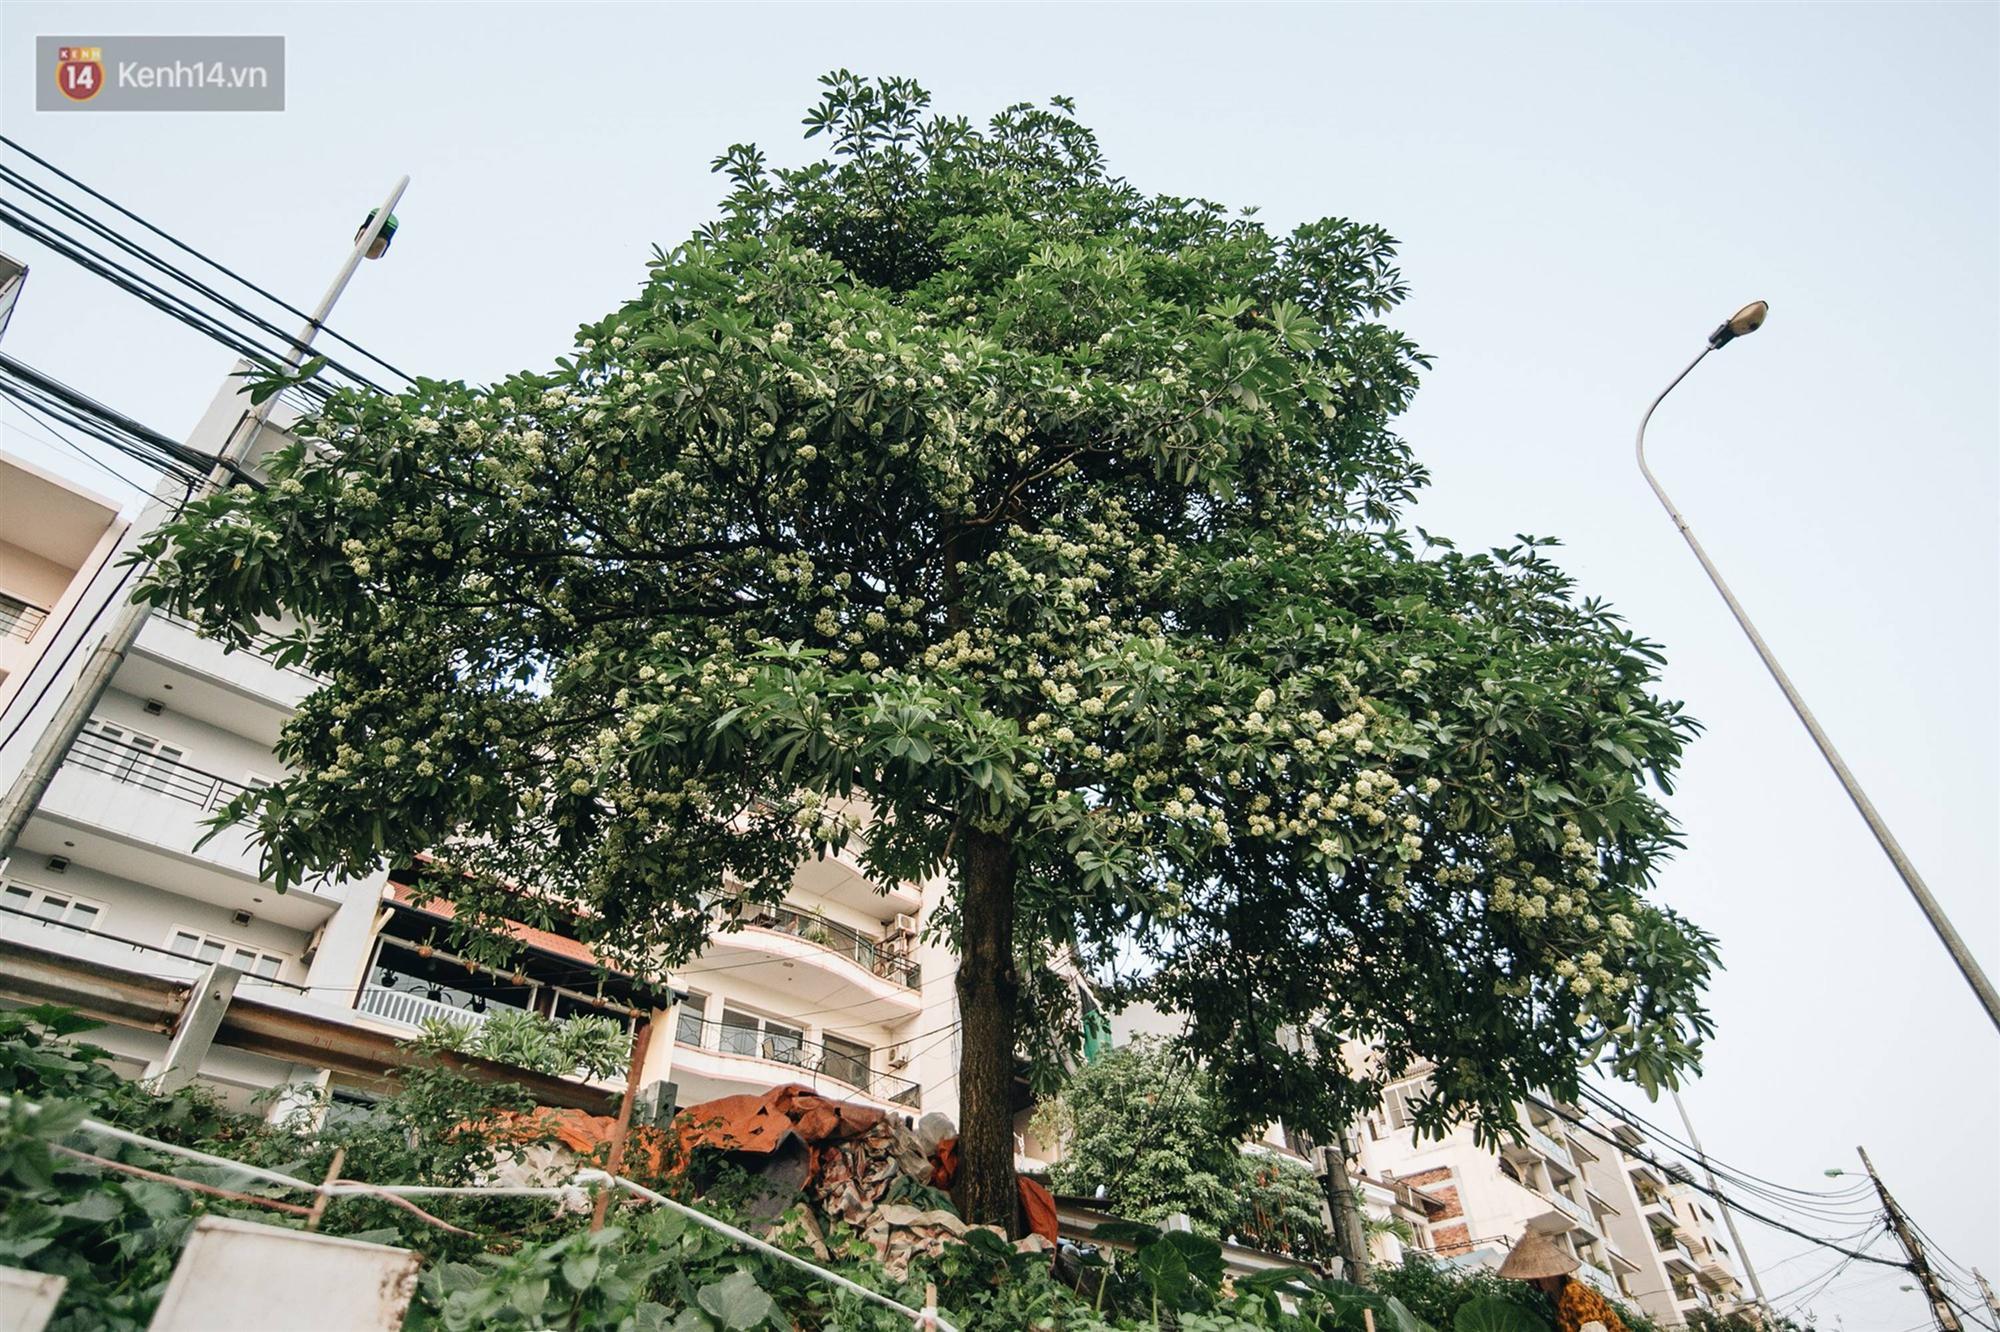 Không chỉ biến hạ thành đông, Hà Nội còn gọi cả hàng cây hoa sữa bung nở khắp phố dù trái mùa-2